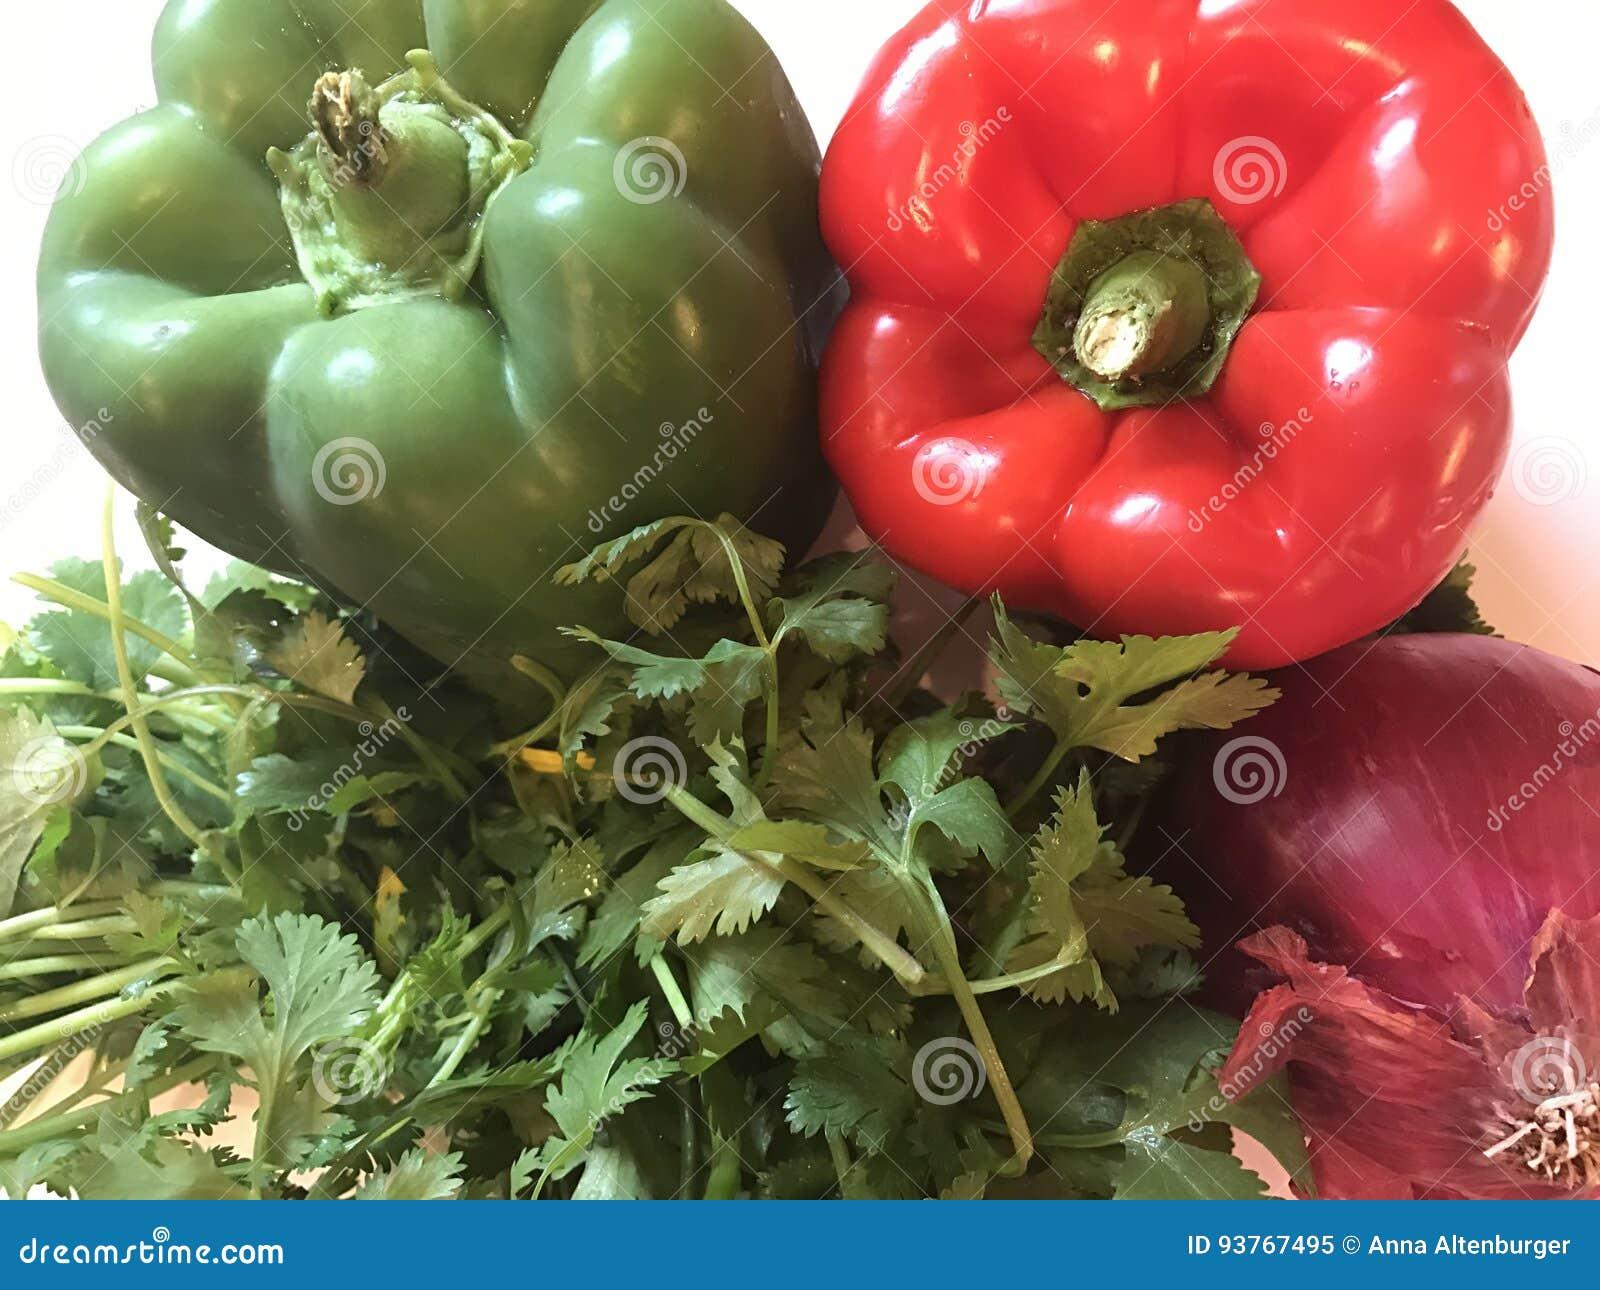 Фото овощи в попе #15